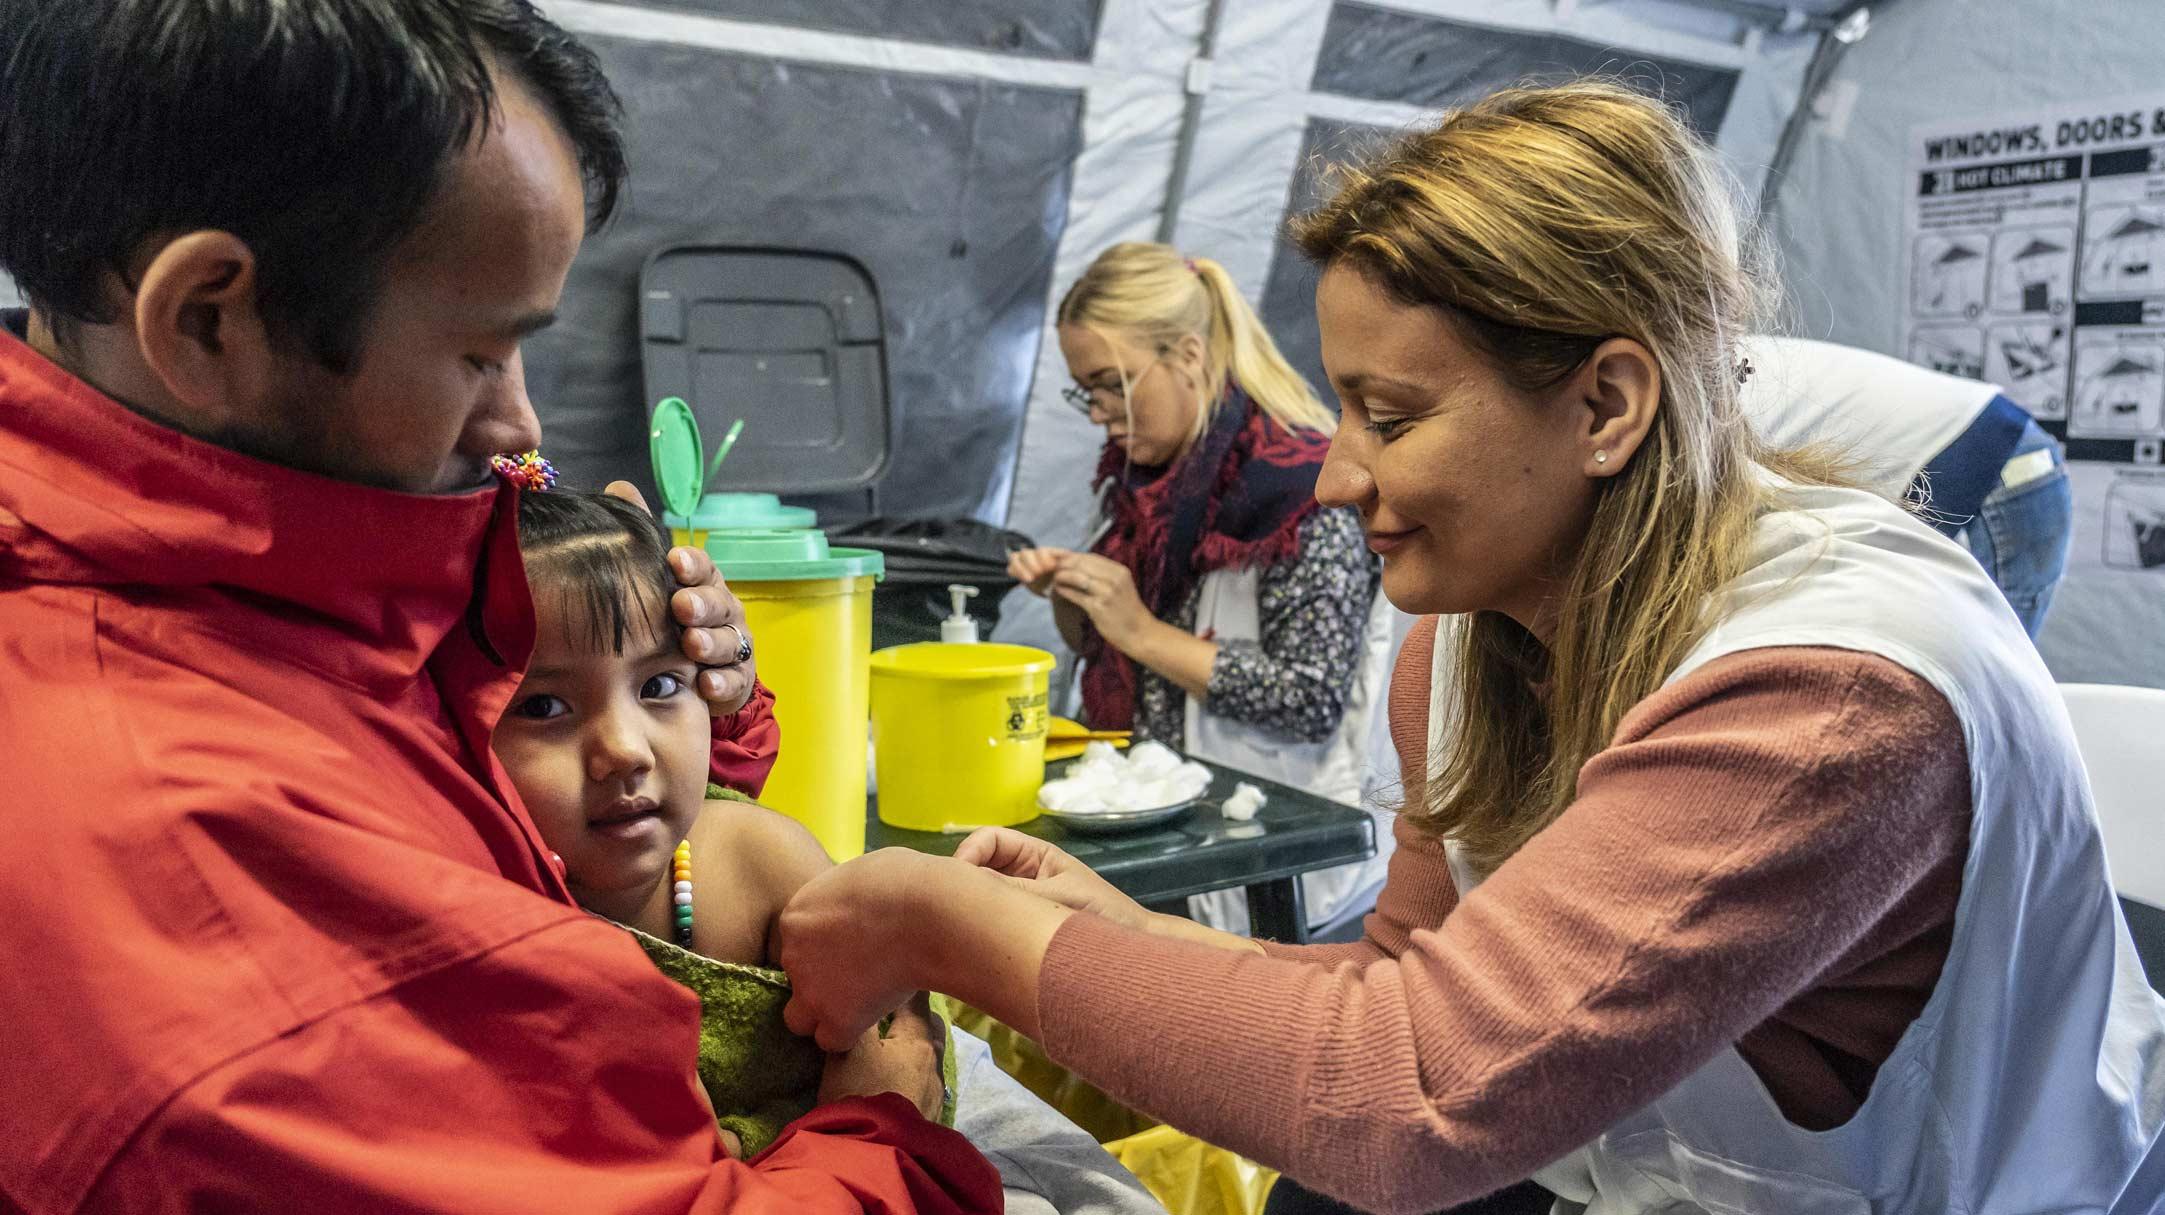 Il nostro staff effettua visite mediche nella clinica pediatrica di MSF a Moria, Grecia